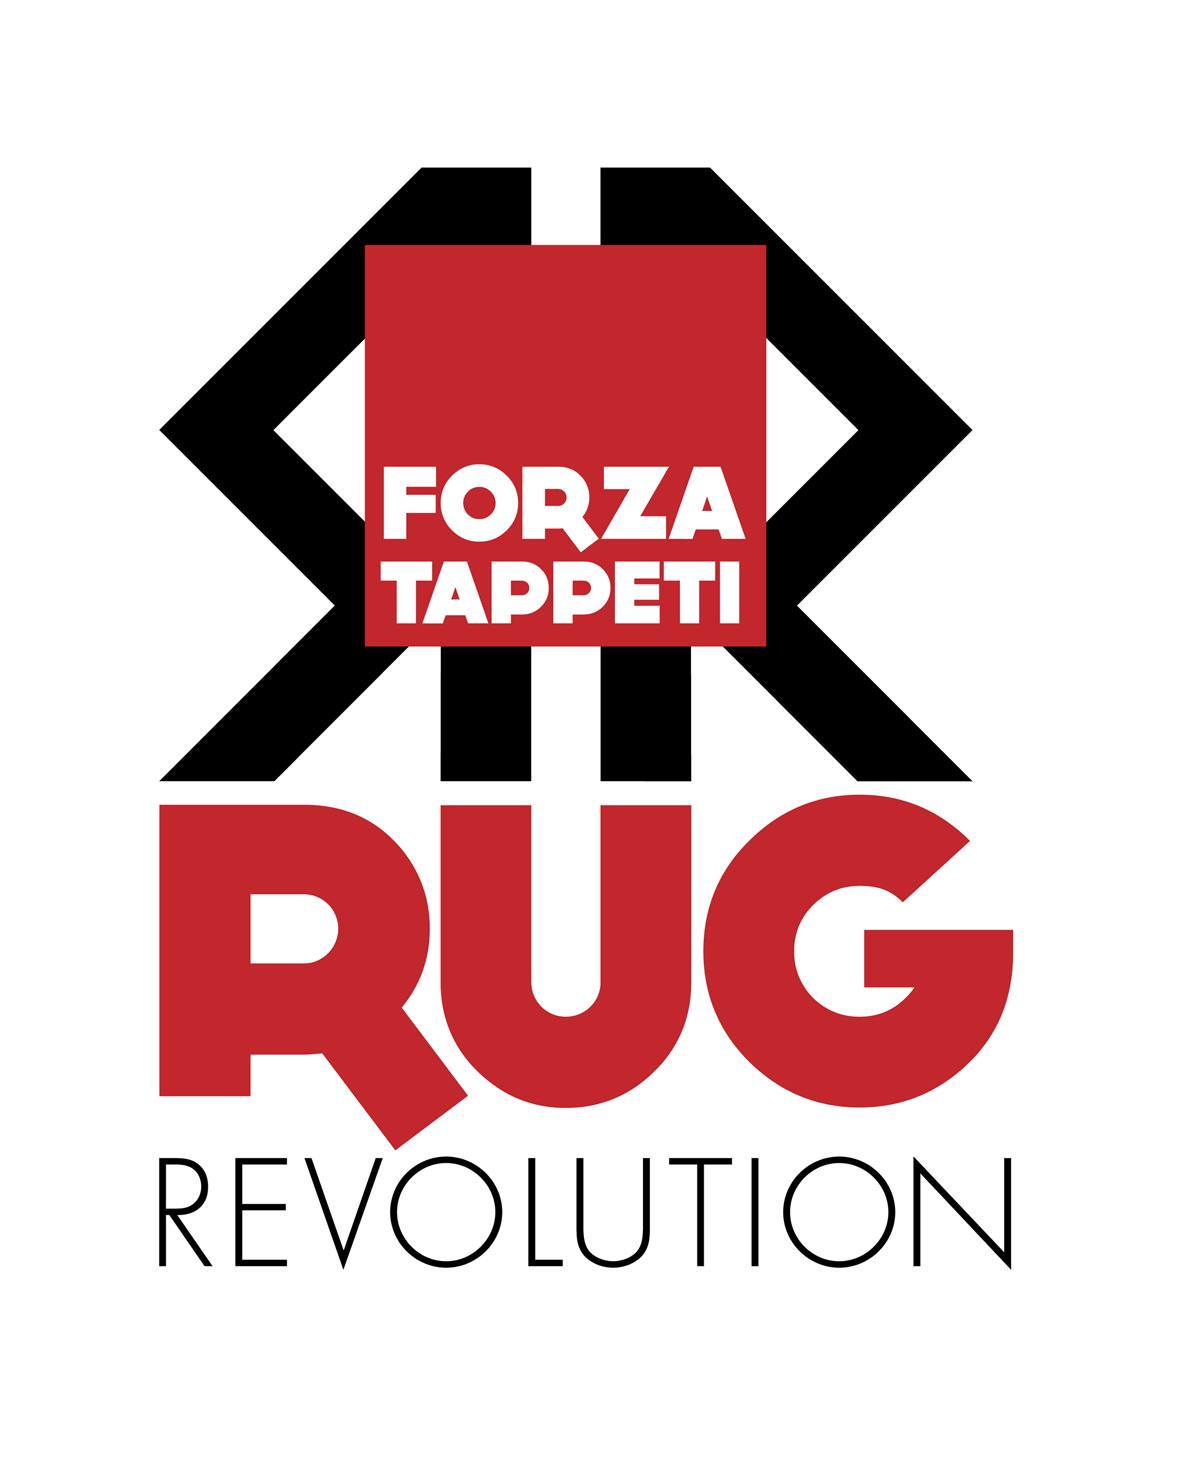 Forza-Tappeti